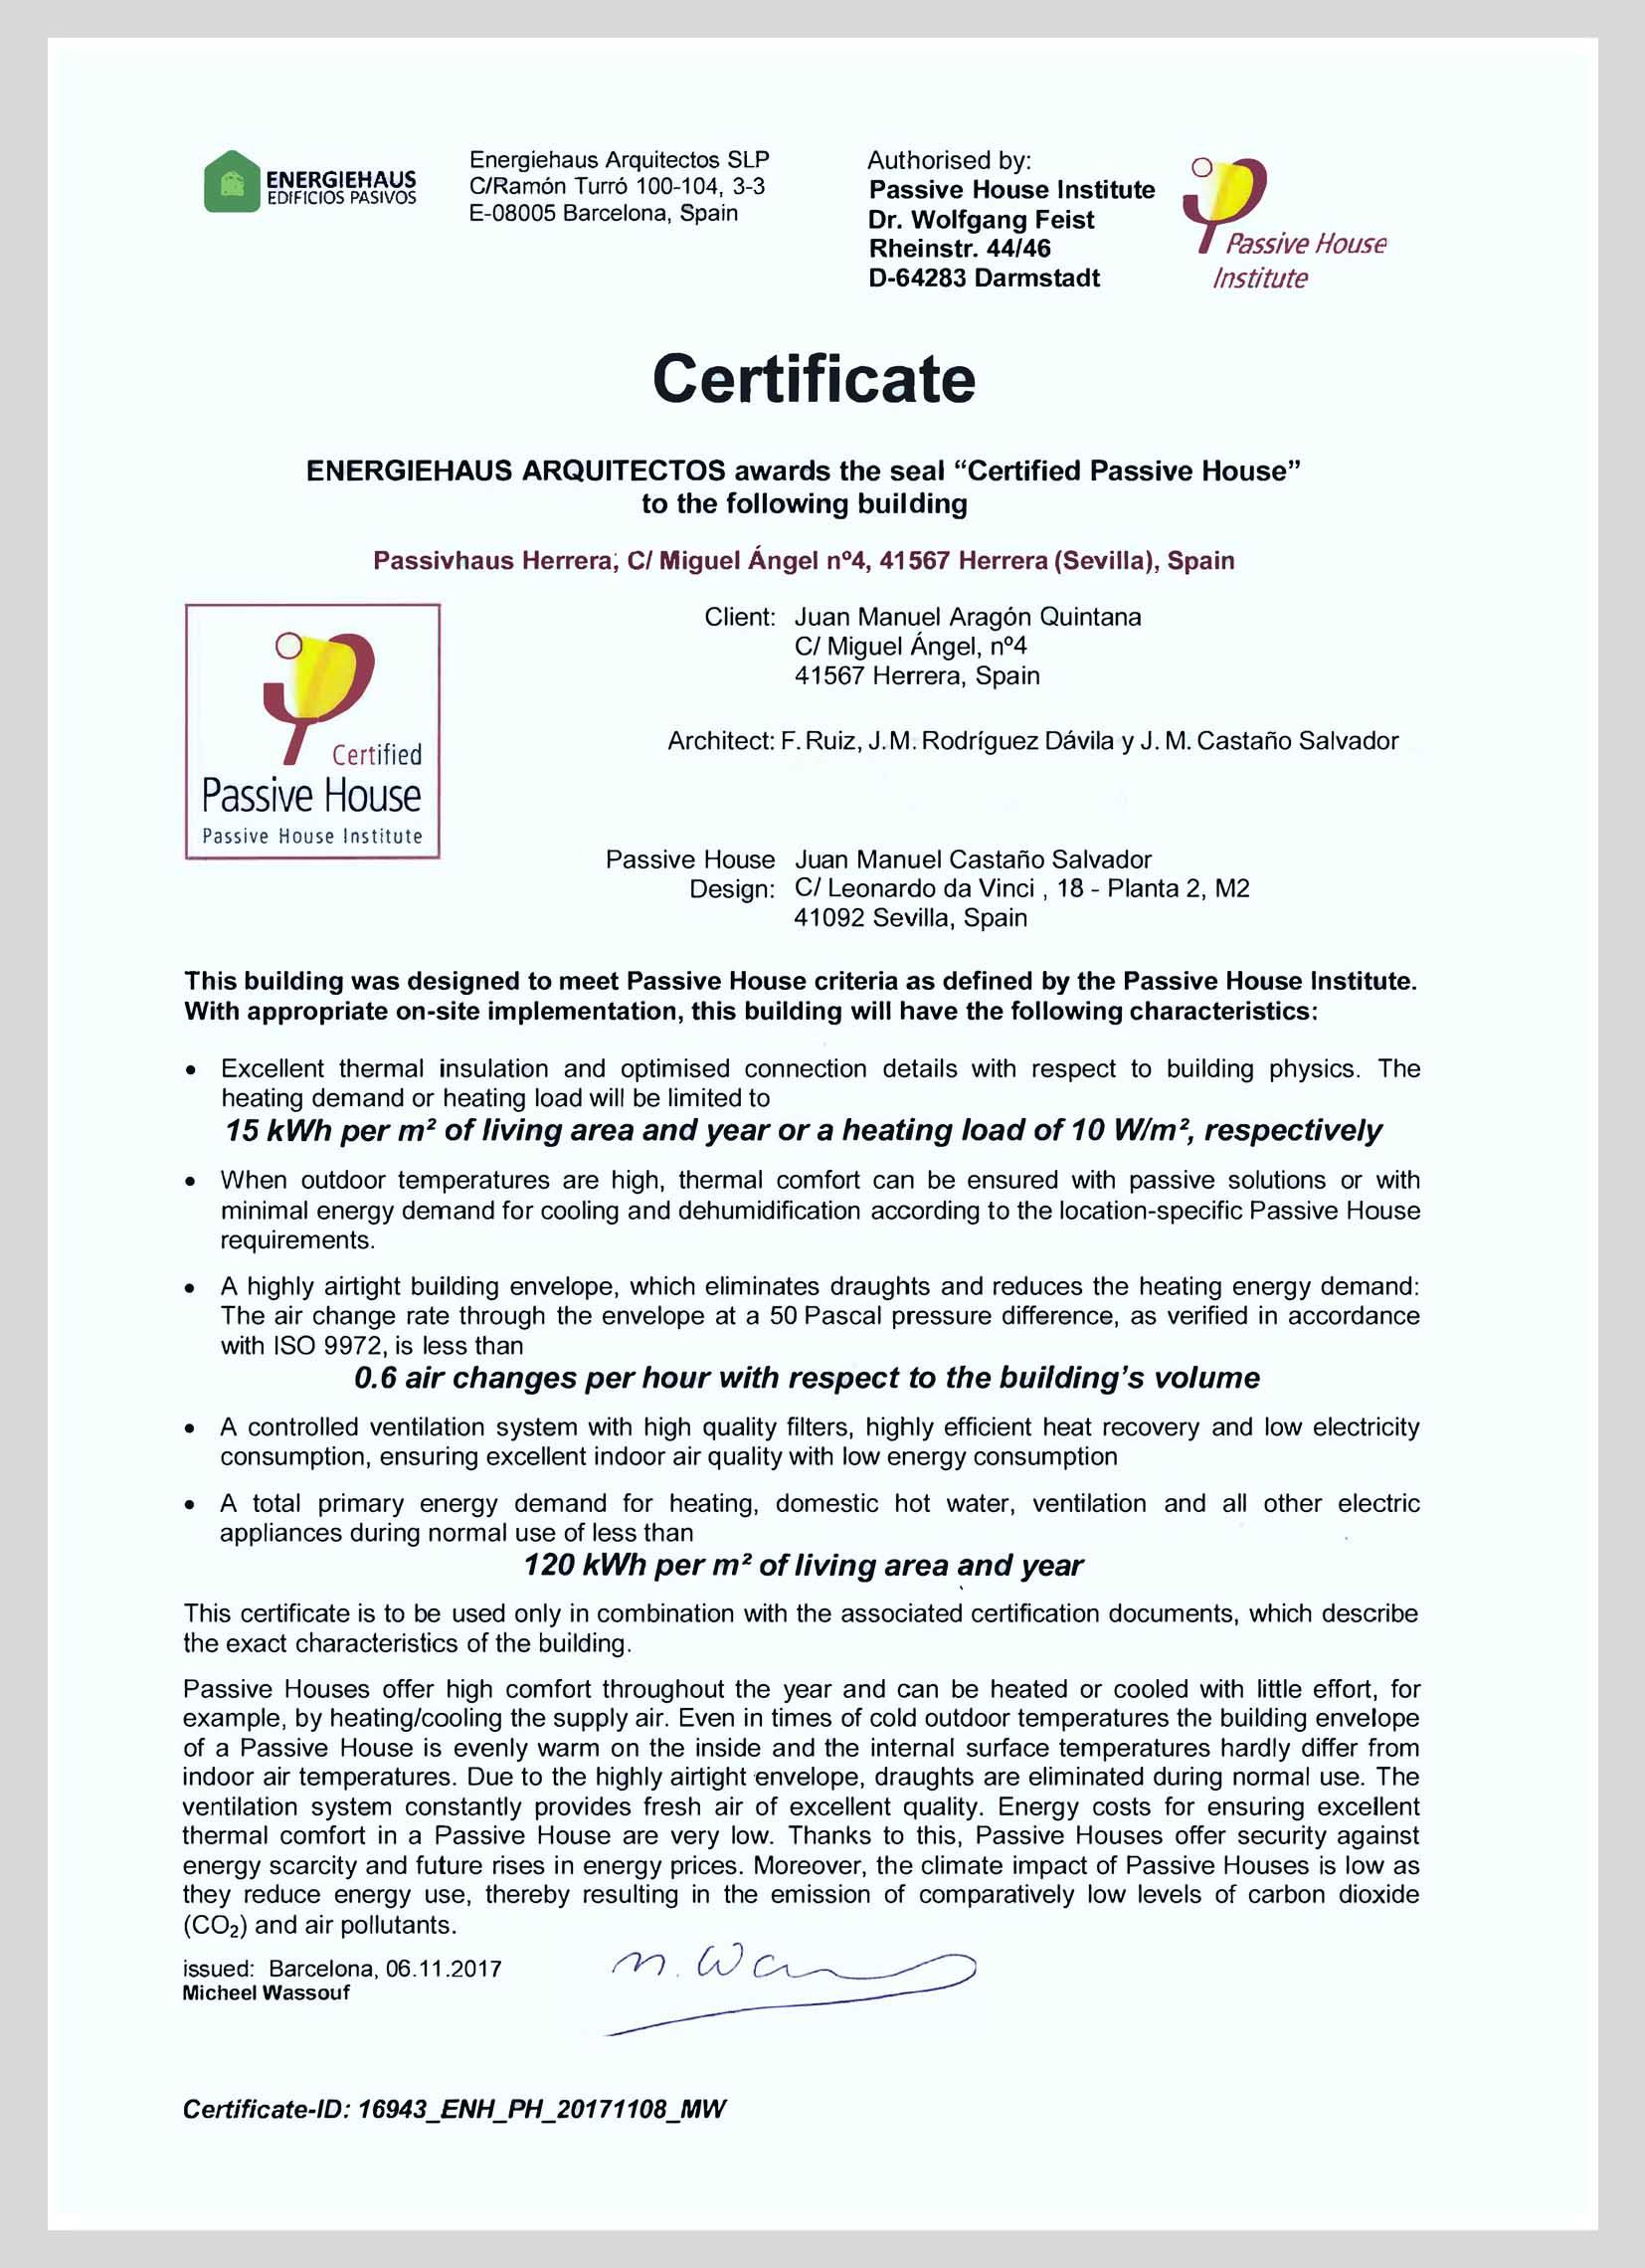 Certificado PassivHaus Herrera Sevilla 2017